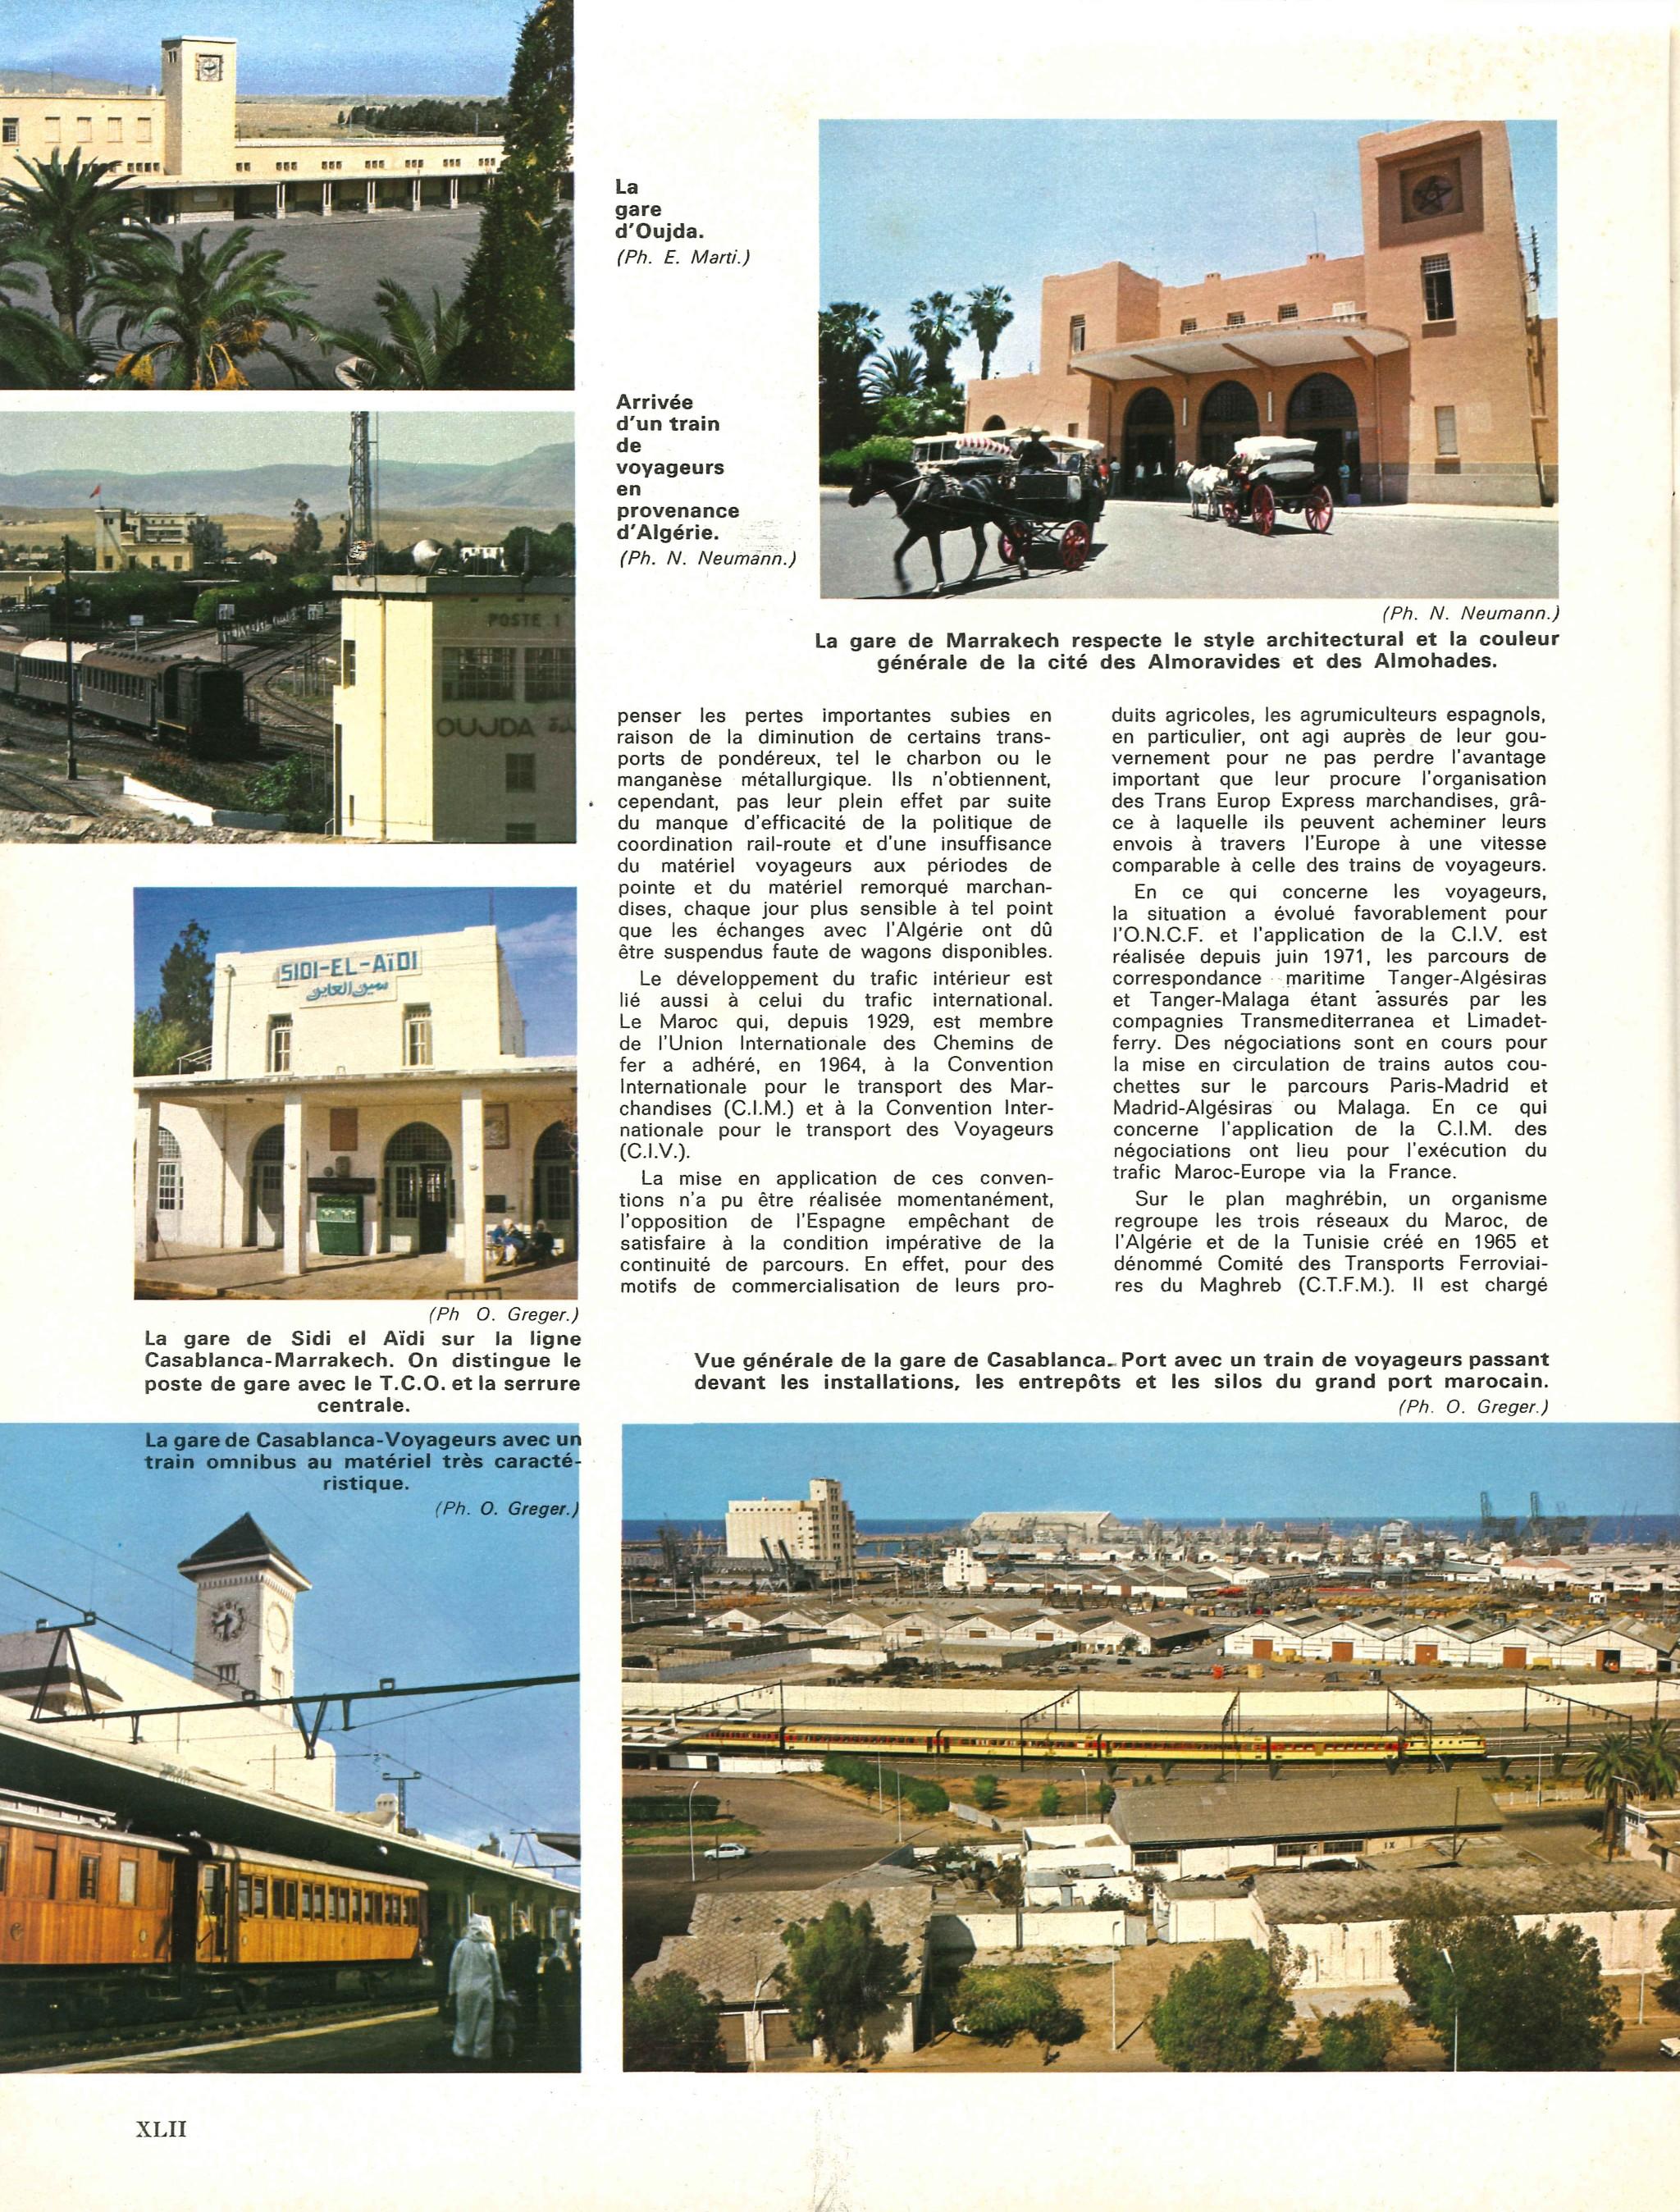 Chemins de Fer au Maroc - ONCF  - Page 2 49430046532_70f7e021b6_3k